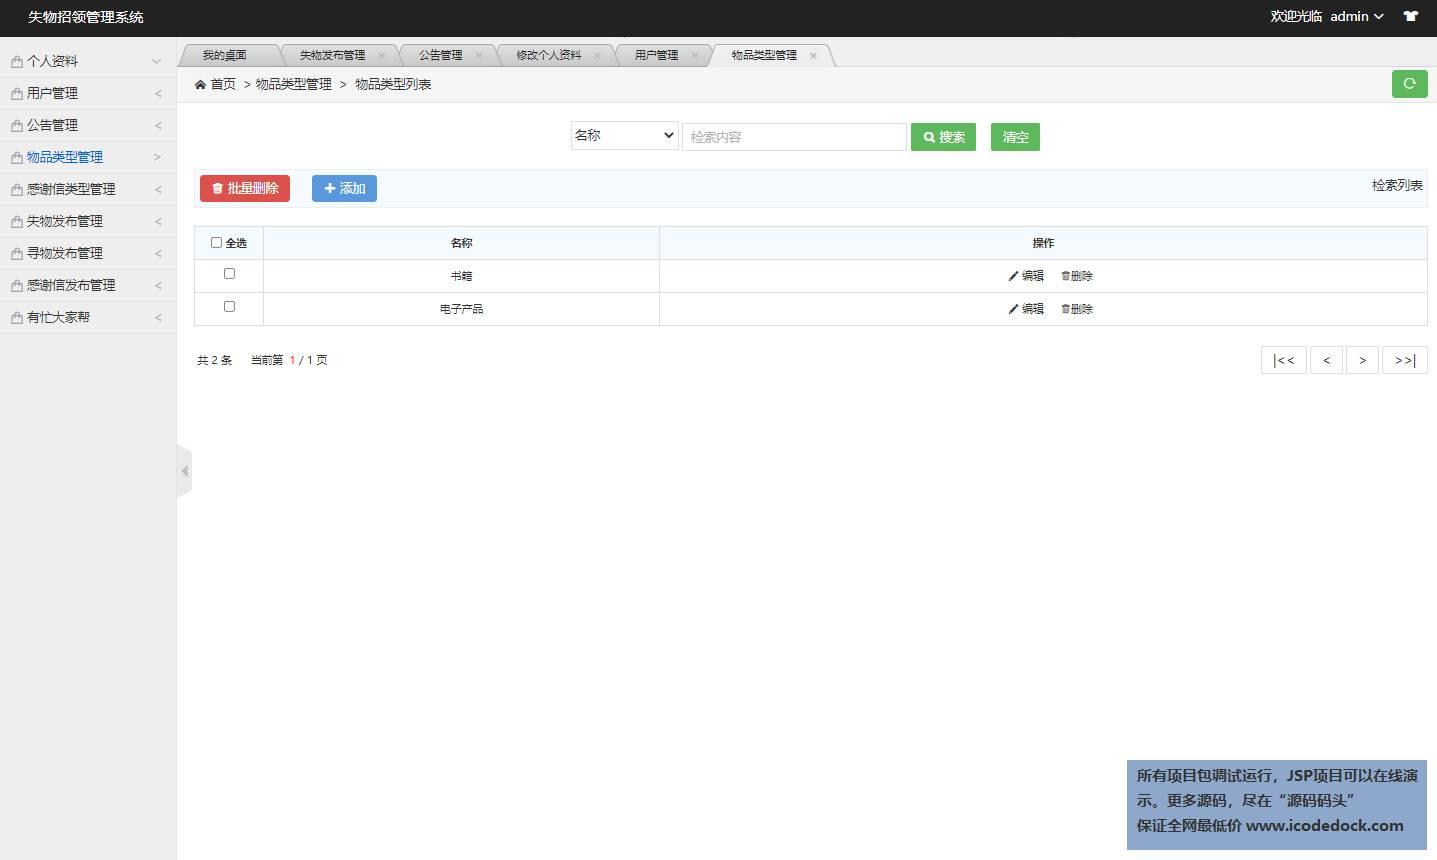 源码码头-SSM失物招领网站信息管理系统-管理员角色-物品类型管理